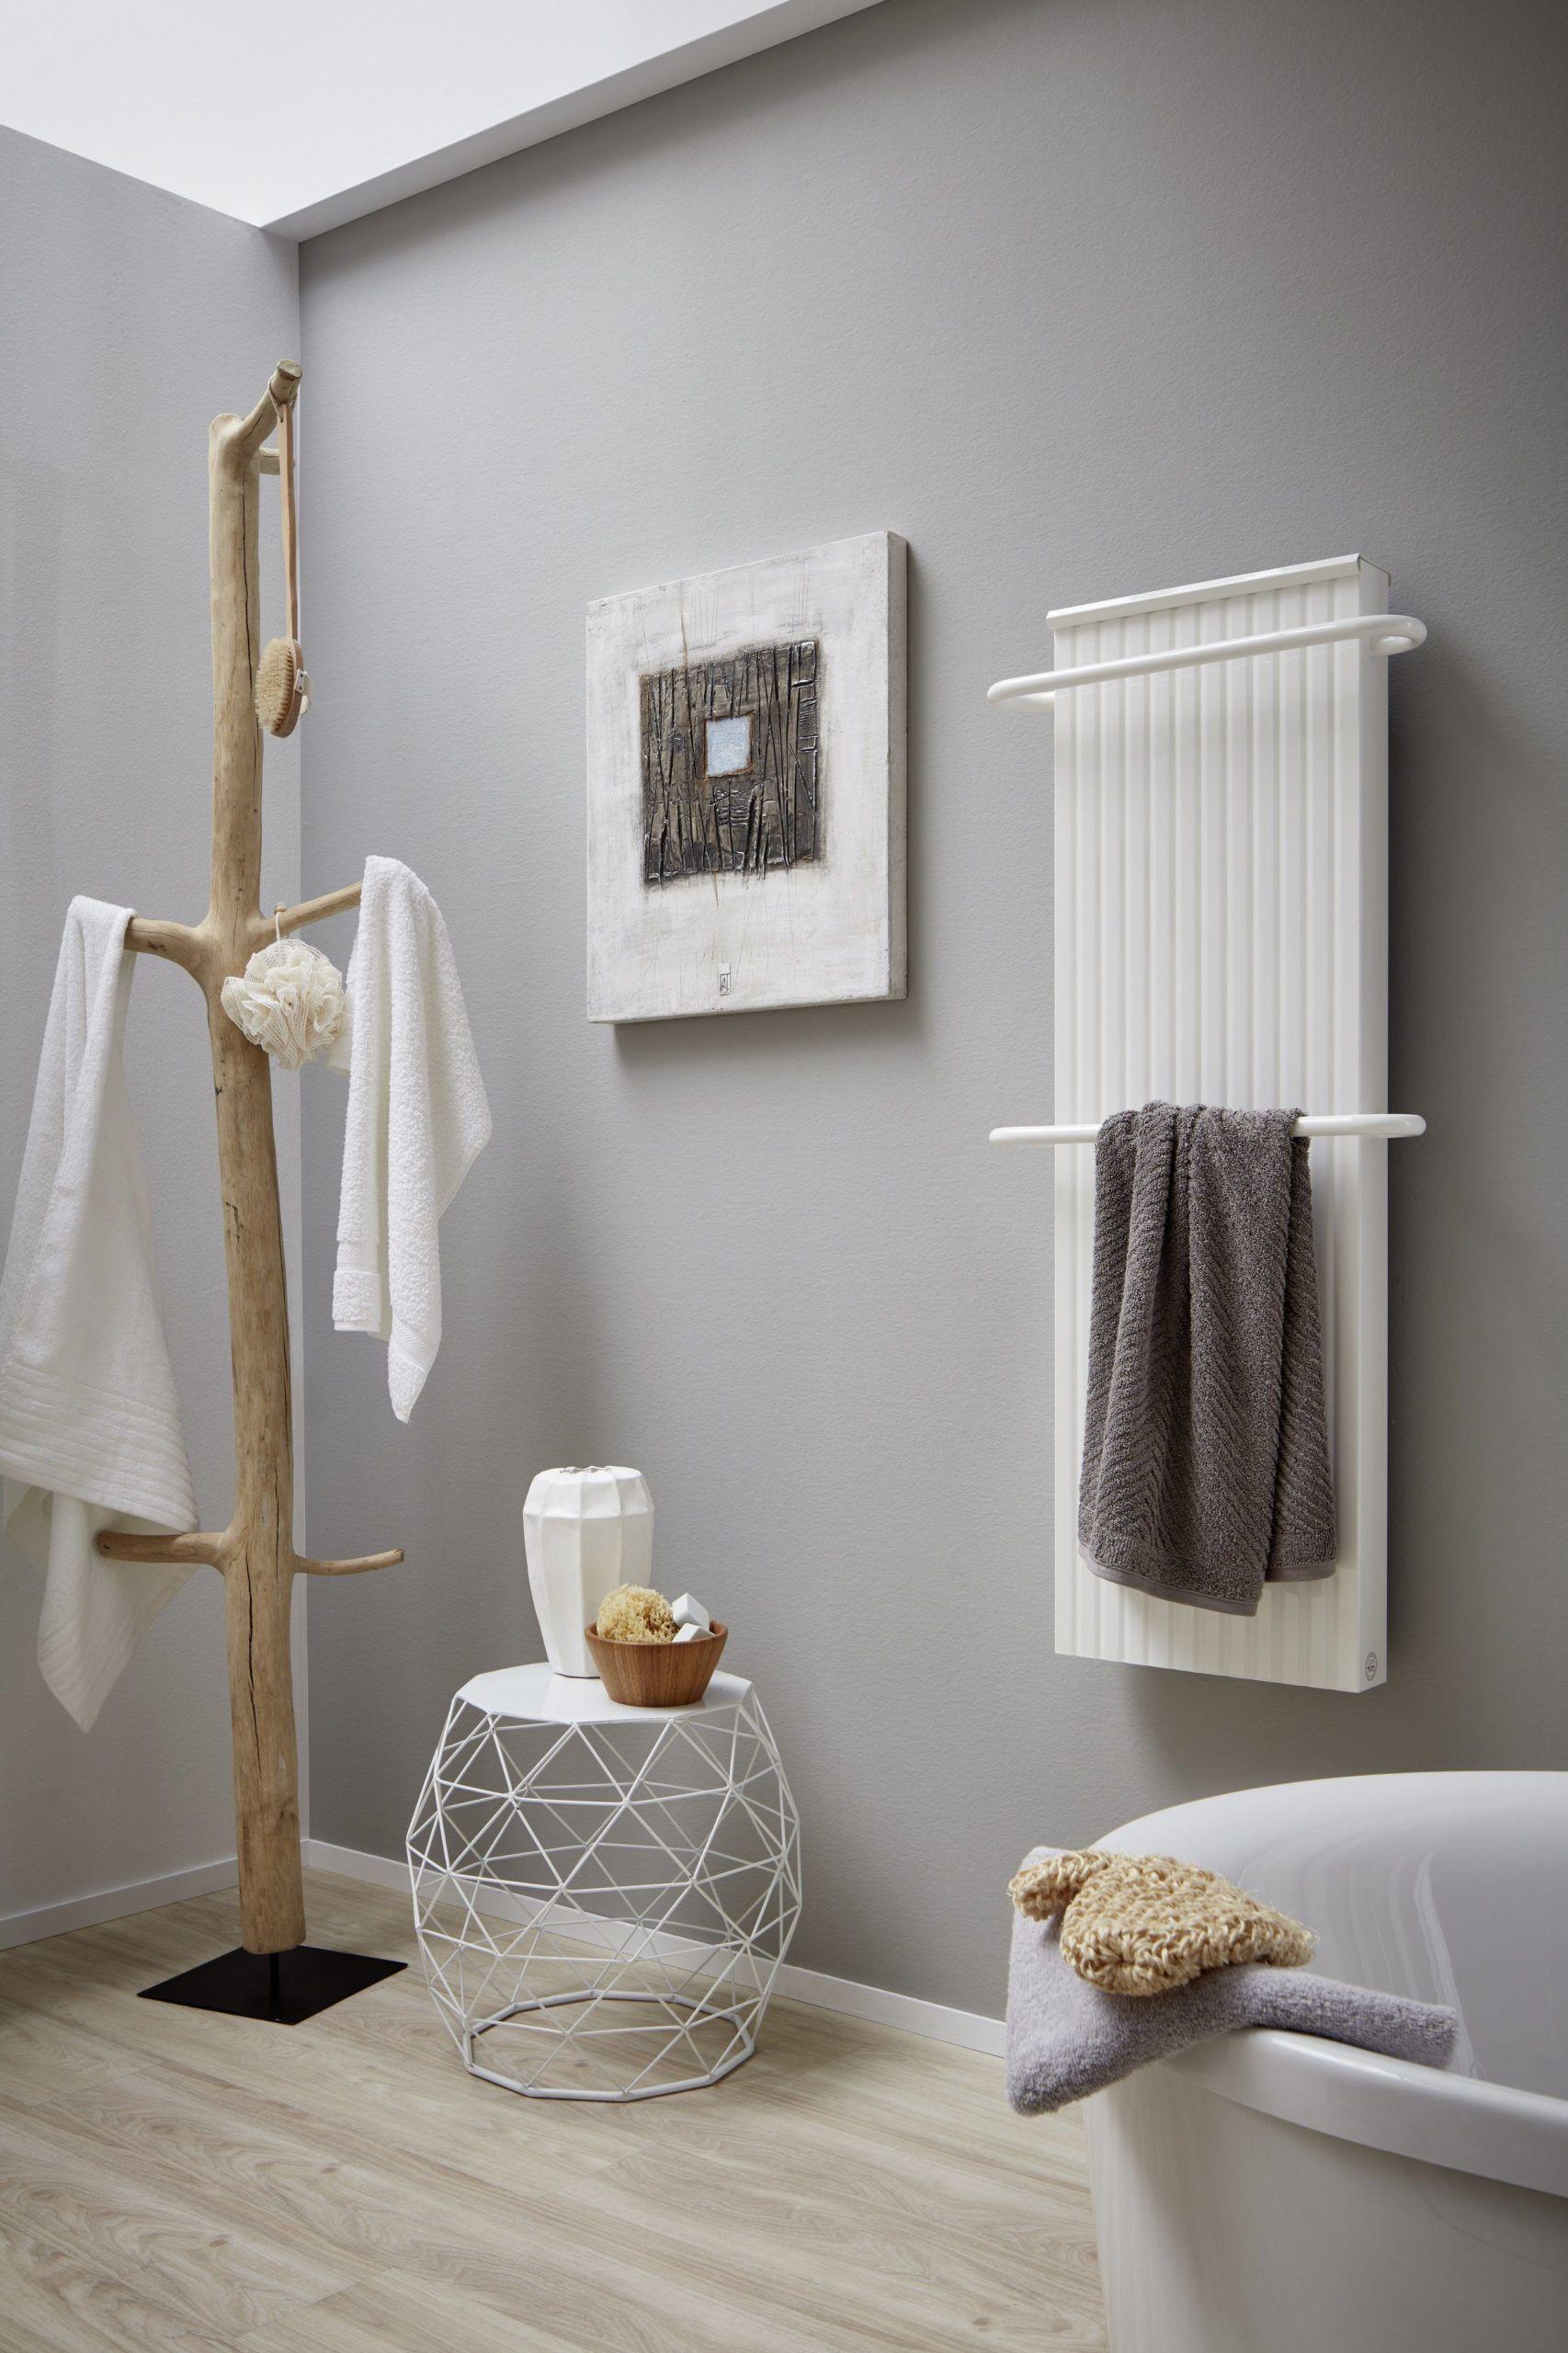 Moderne Badheizungen Von Wibo Warme Handtucher Garantiert X1f60a Elektrische Heizung Badheizungen Elektrische In 2020 Badheizung Raumgestaltung Innenraum